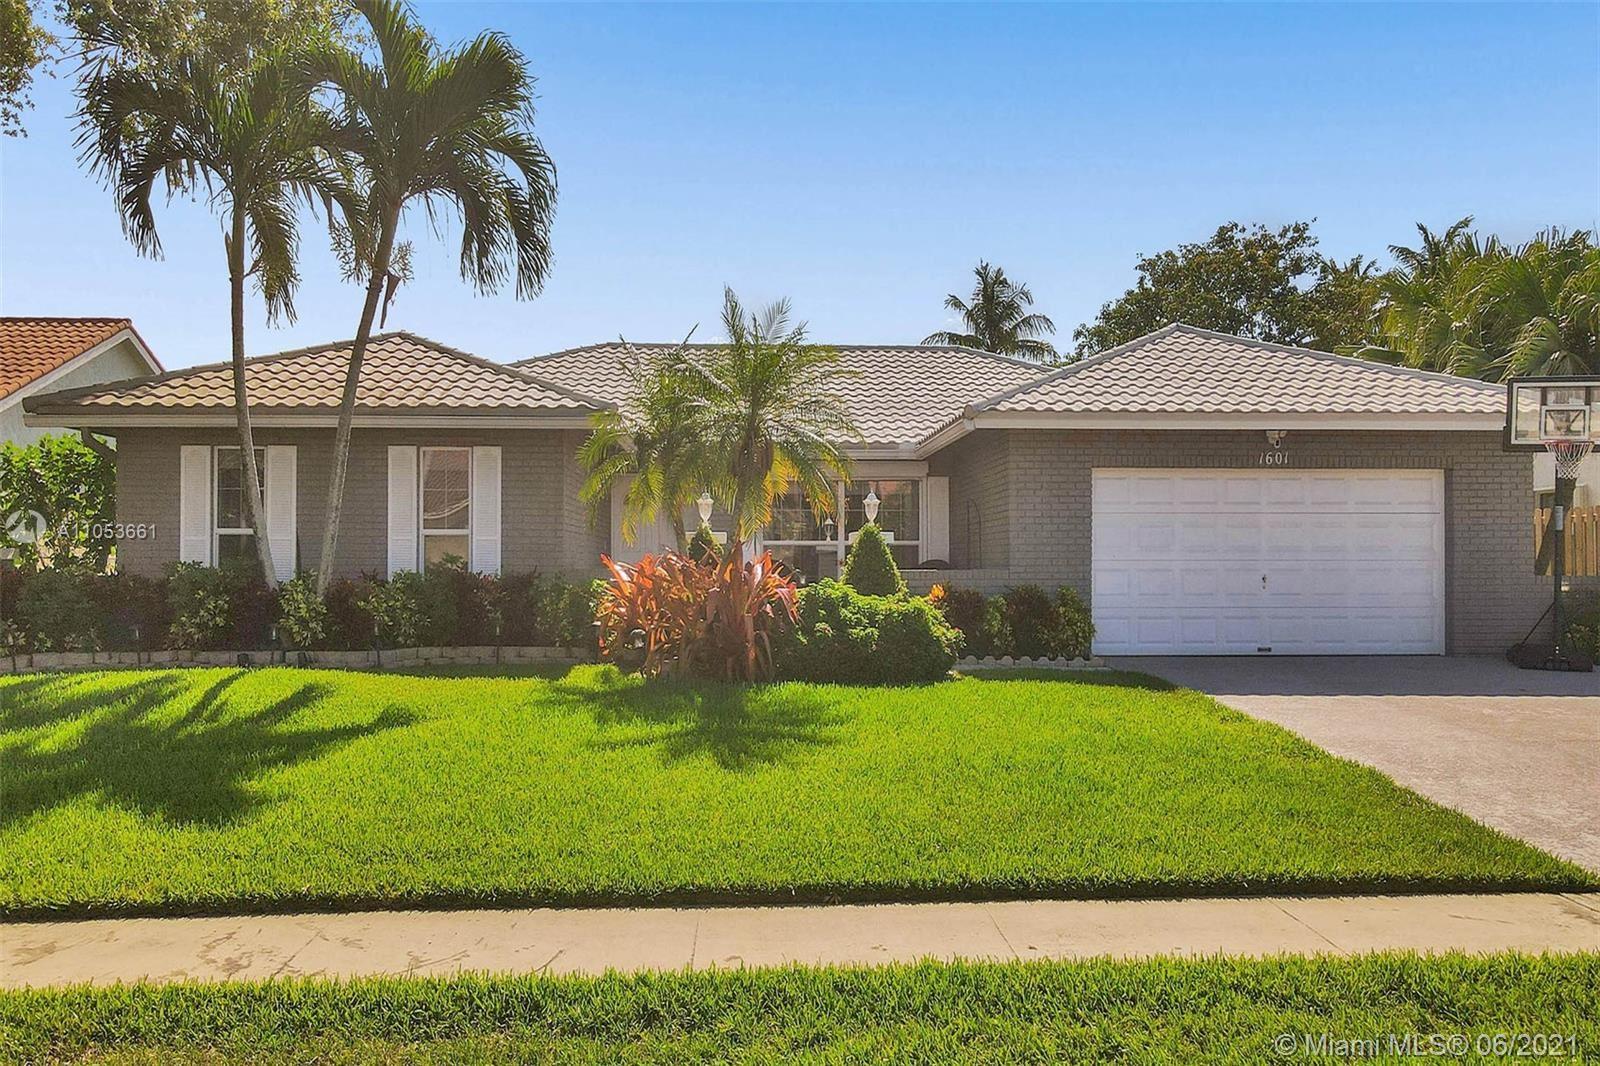 1601 NW 99th Ave, Plantation, FL 33322 - #: A11053661